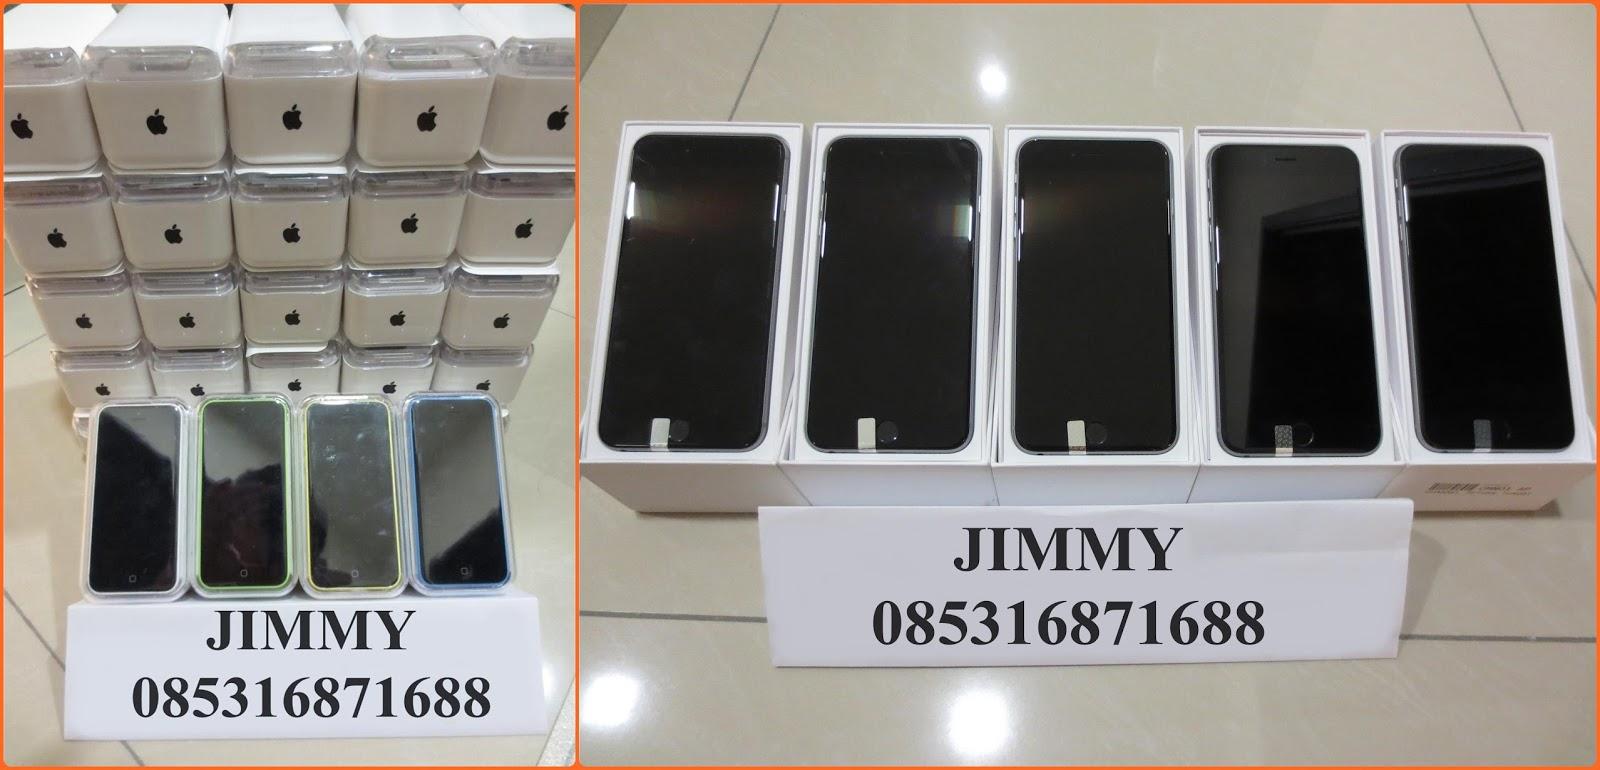 Pusat Handphone Dan Gadget Original 2018